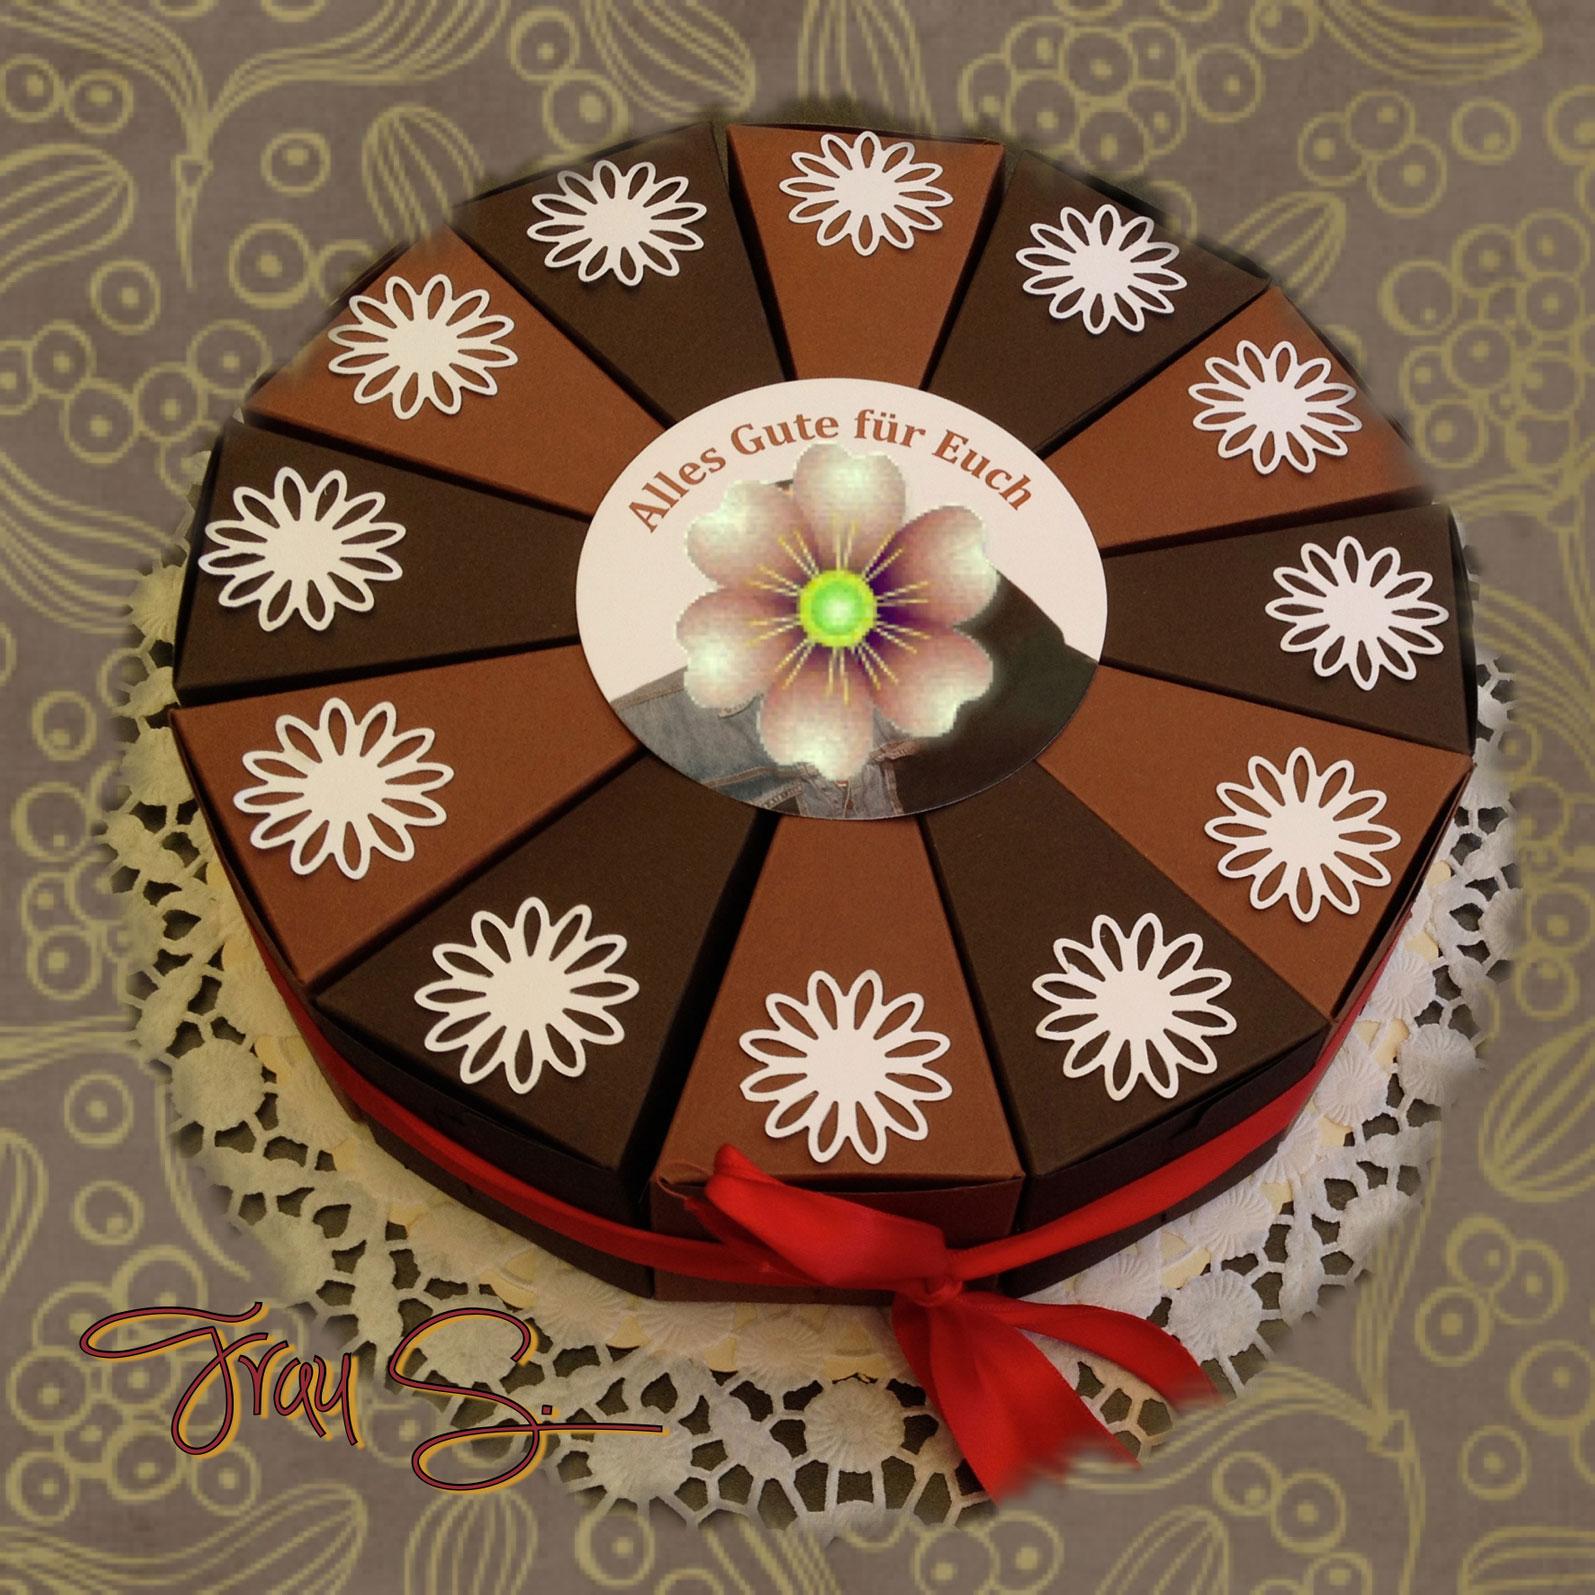 Schokoladentorte aus papier made by frau s - Erste gemeinsame wohnung geschenk ...